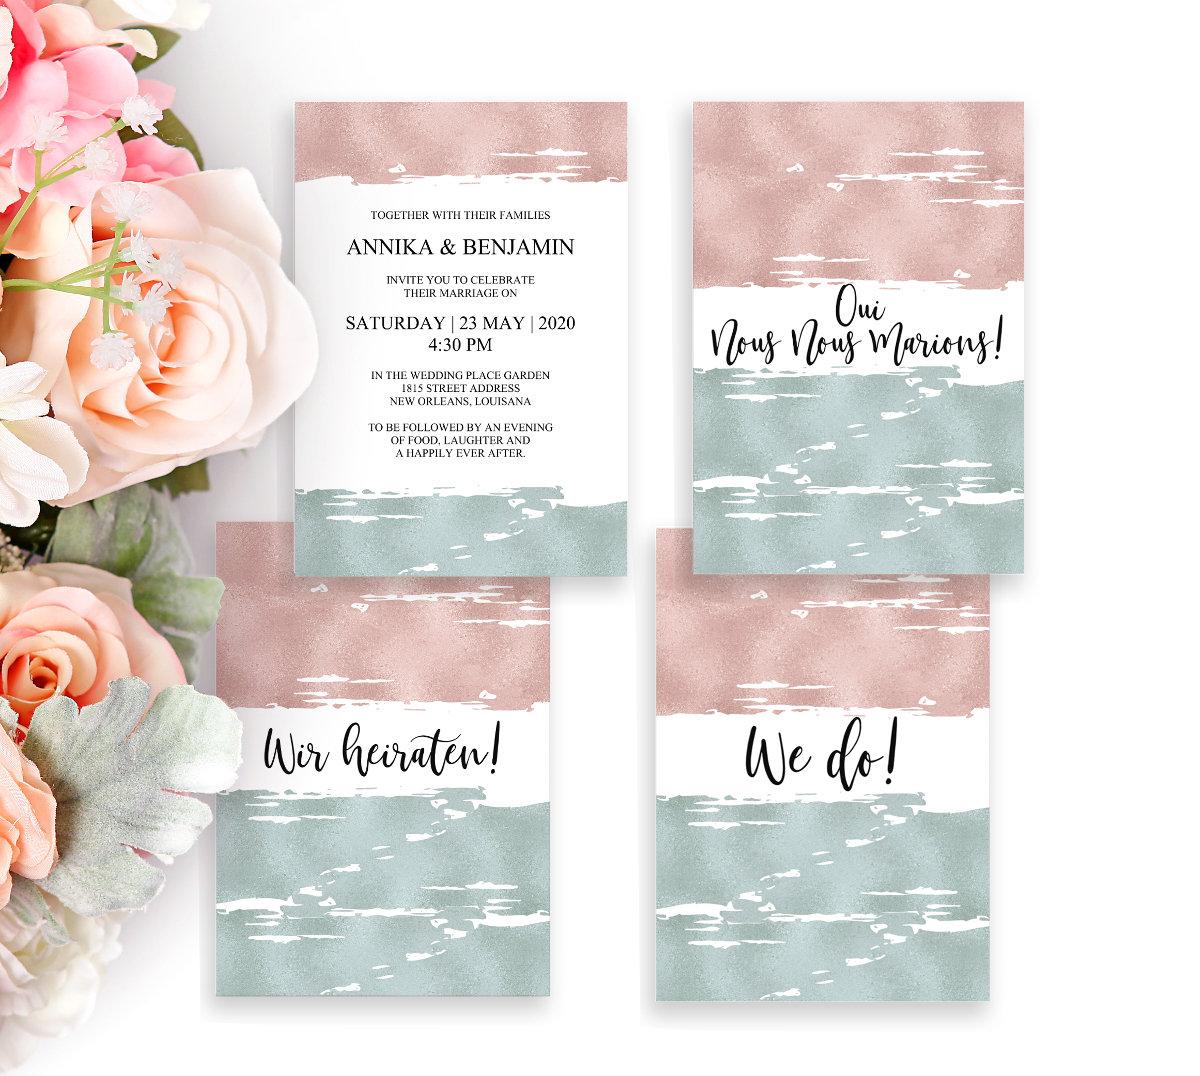 Hochzeitseinladung, Digitale Vorlage, Editierbar, Moderne Einladung, DIY  Hochzeit, Hochzeitskarte, Einladungskarte, Sofort Download